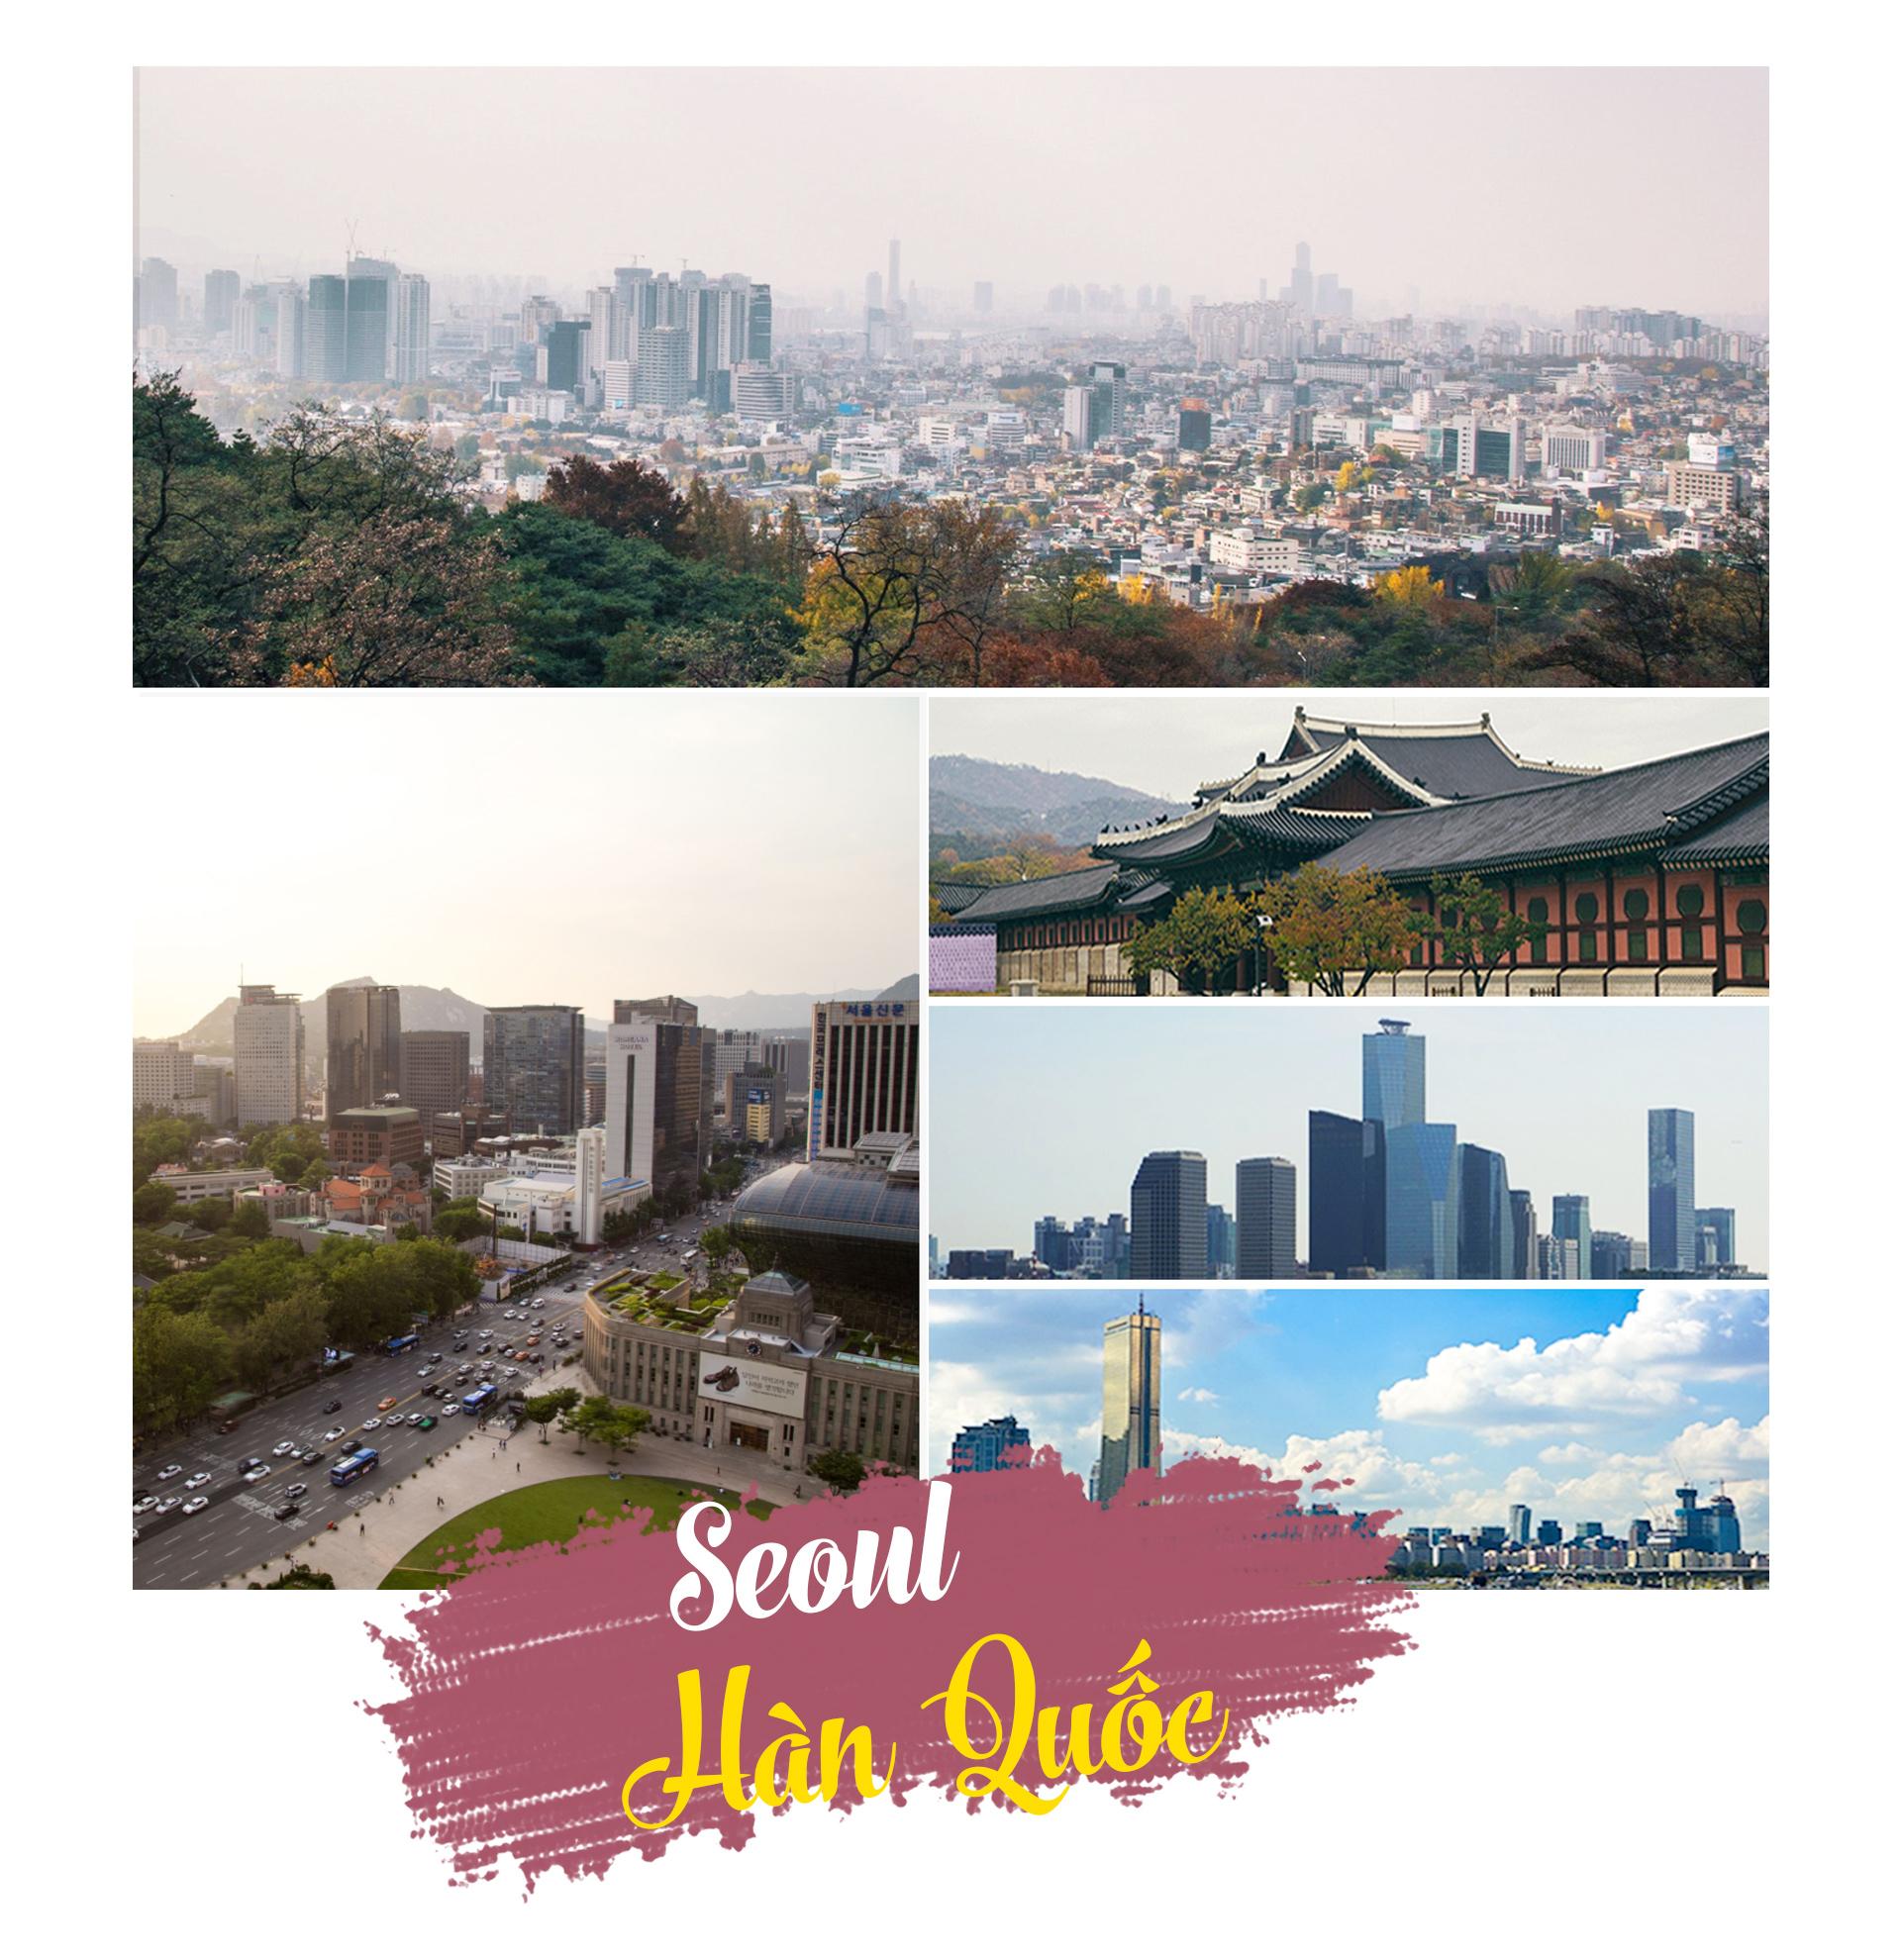 12 trải nghiệm mùa hè cực thú vị và ấn tượng ở Đông Nam Á - 12